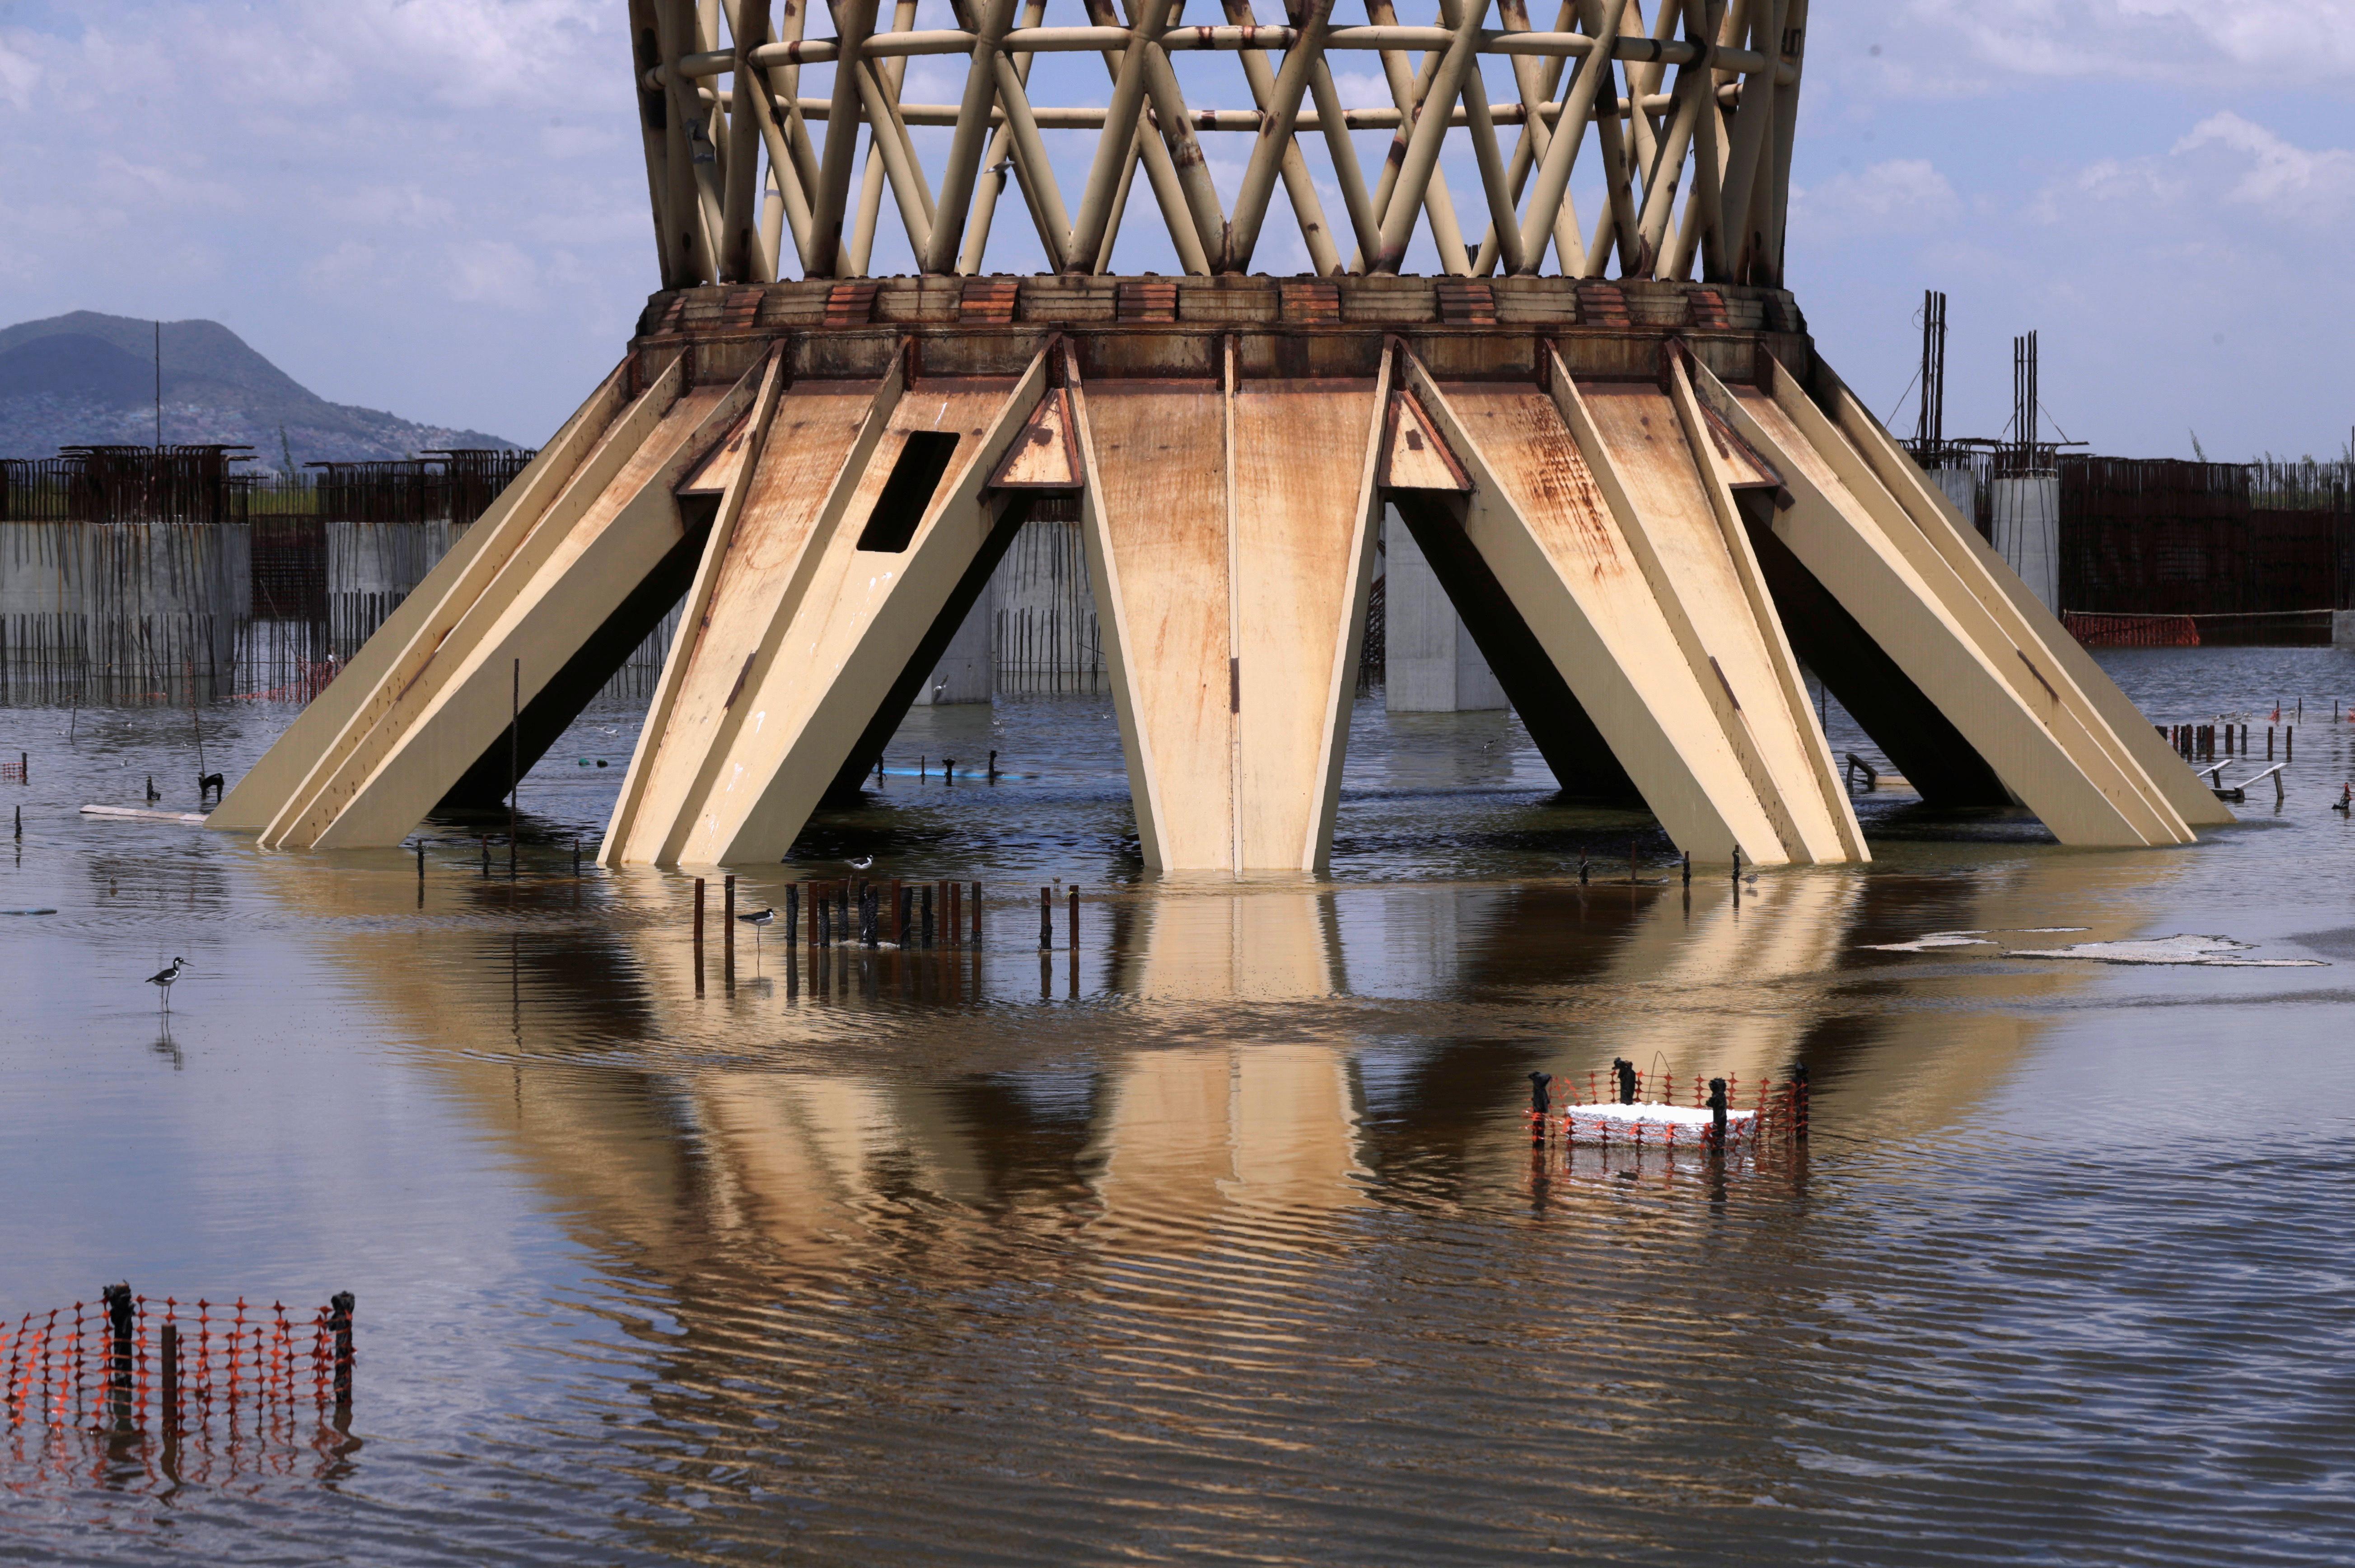 Las autoridades señalan las recientes inundaciones como prueba de que el mantenimiento habría sido difícil y dicen que se completó menos del 20% de la construcción. Para cancelar más de 600 contratos que quedaron en el limbo, se tuvieron que pagar unos 13,000 millones de pesos (603 millones de dólares).